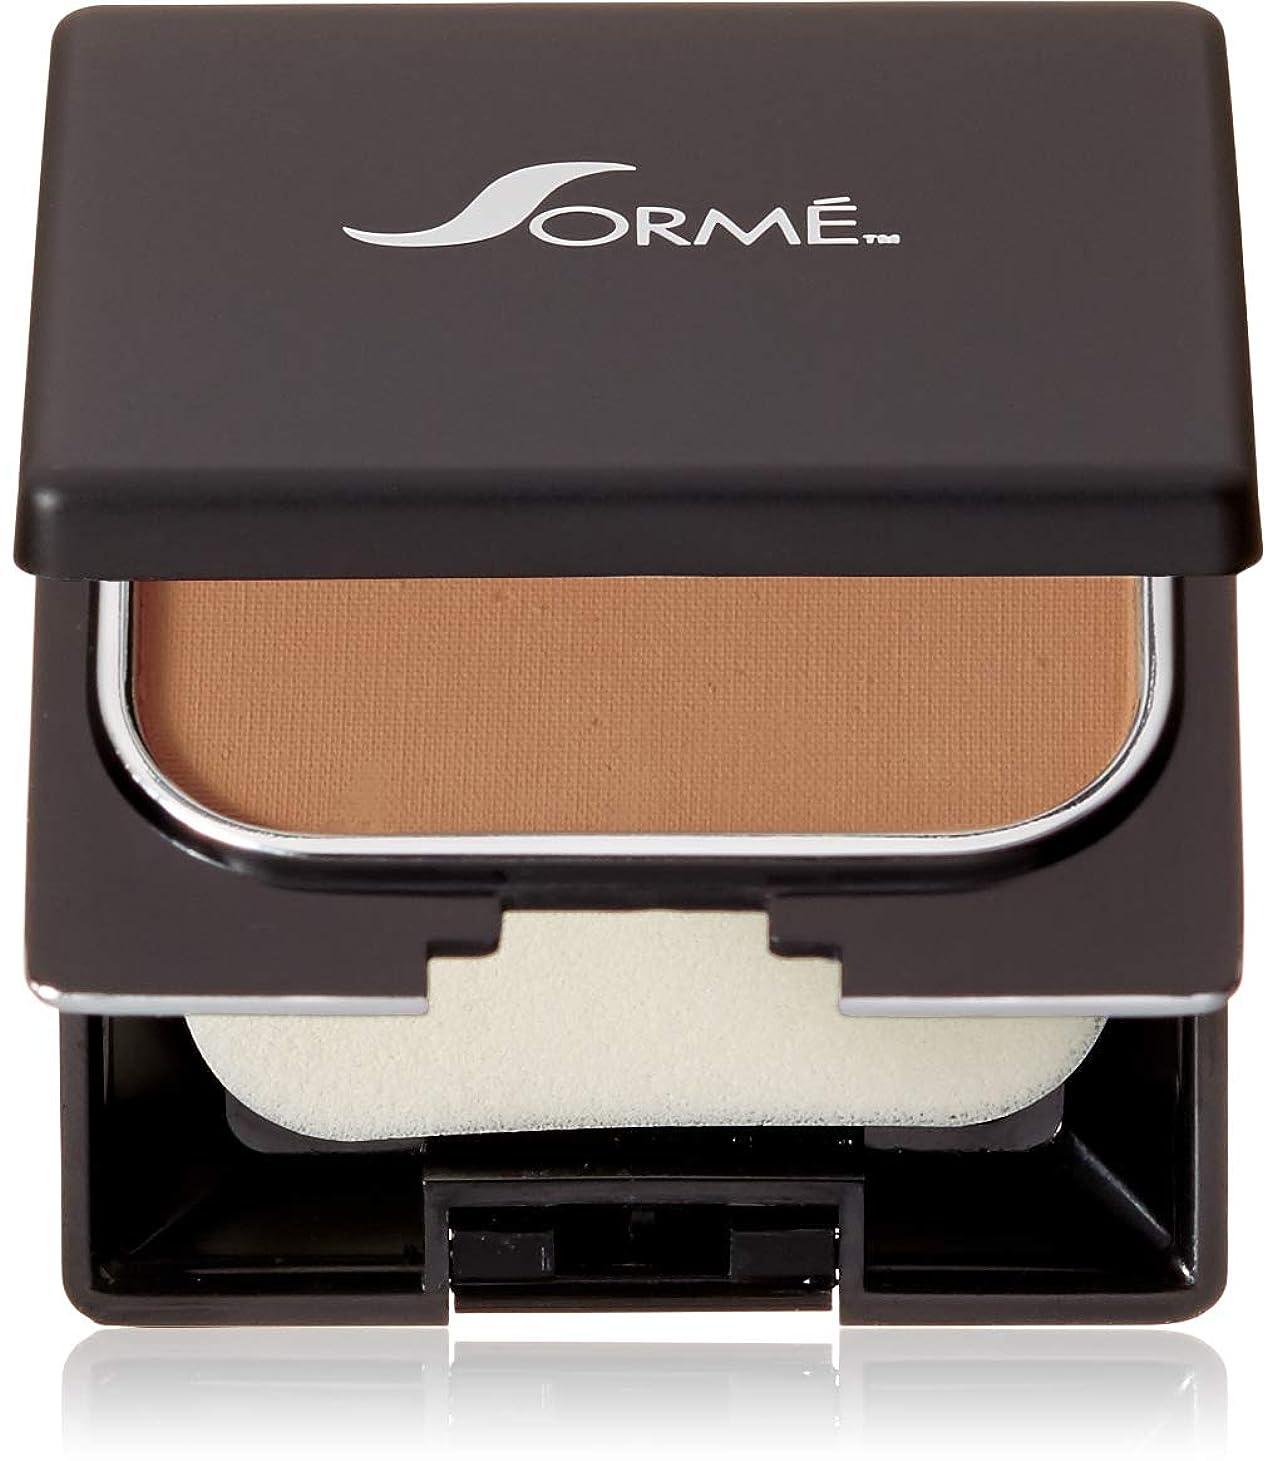 ありがたい発見する喉が渇いたSorme Cosmetics Believable Finish Powder Foundation, Golden Tan, 0.23 Ounce by Sorme Cosmetics